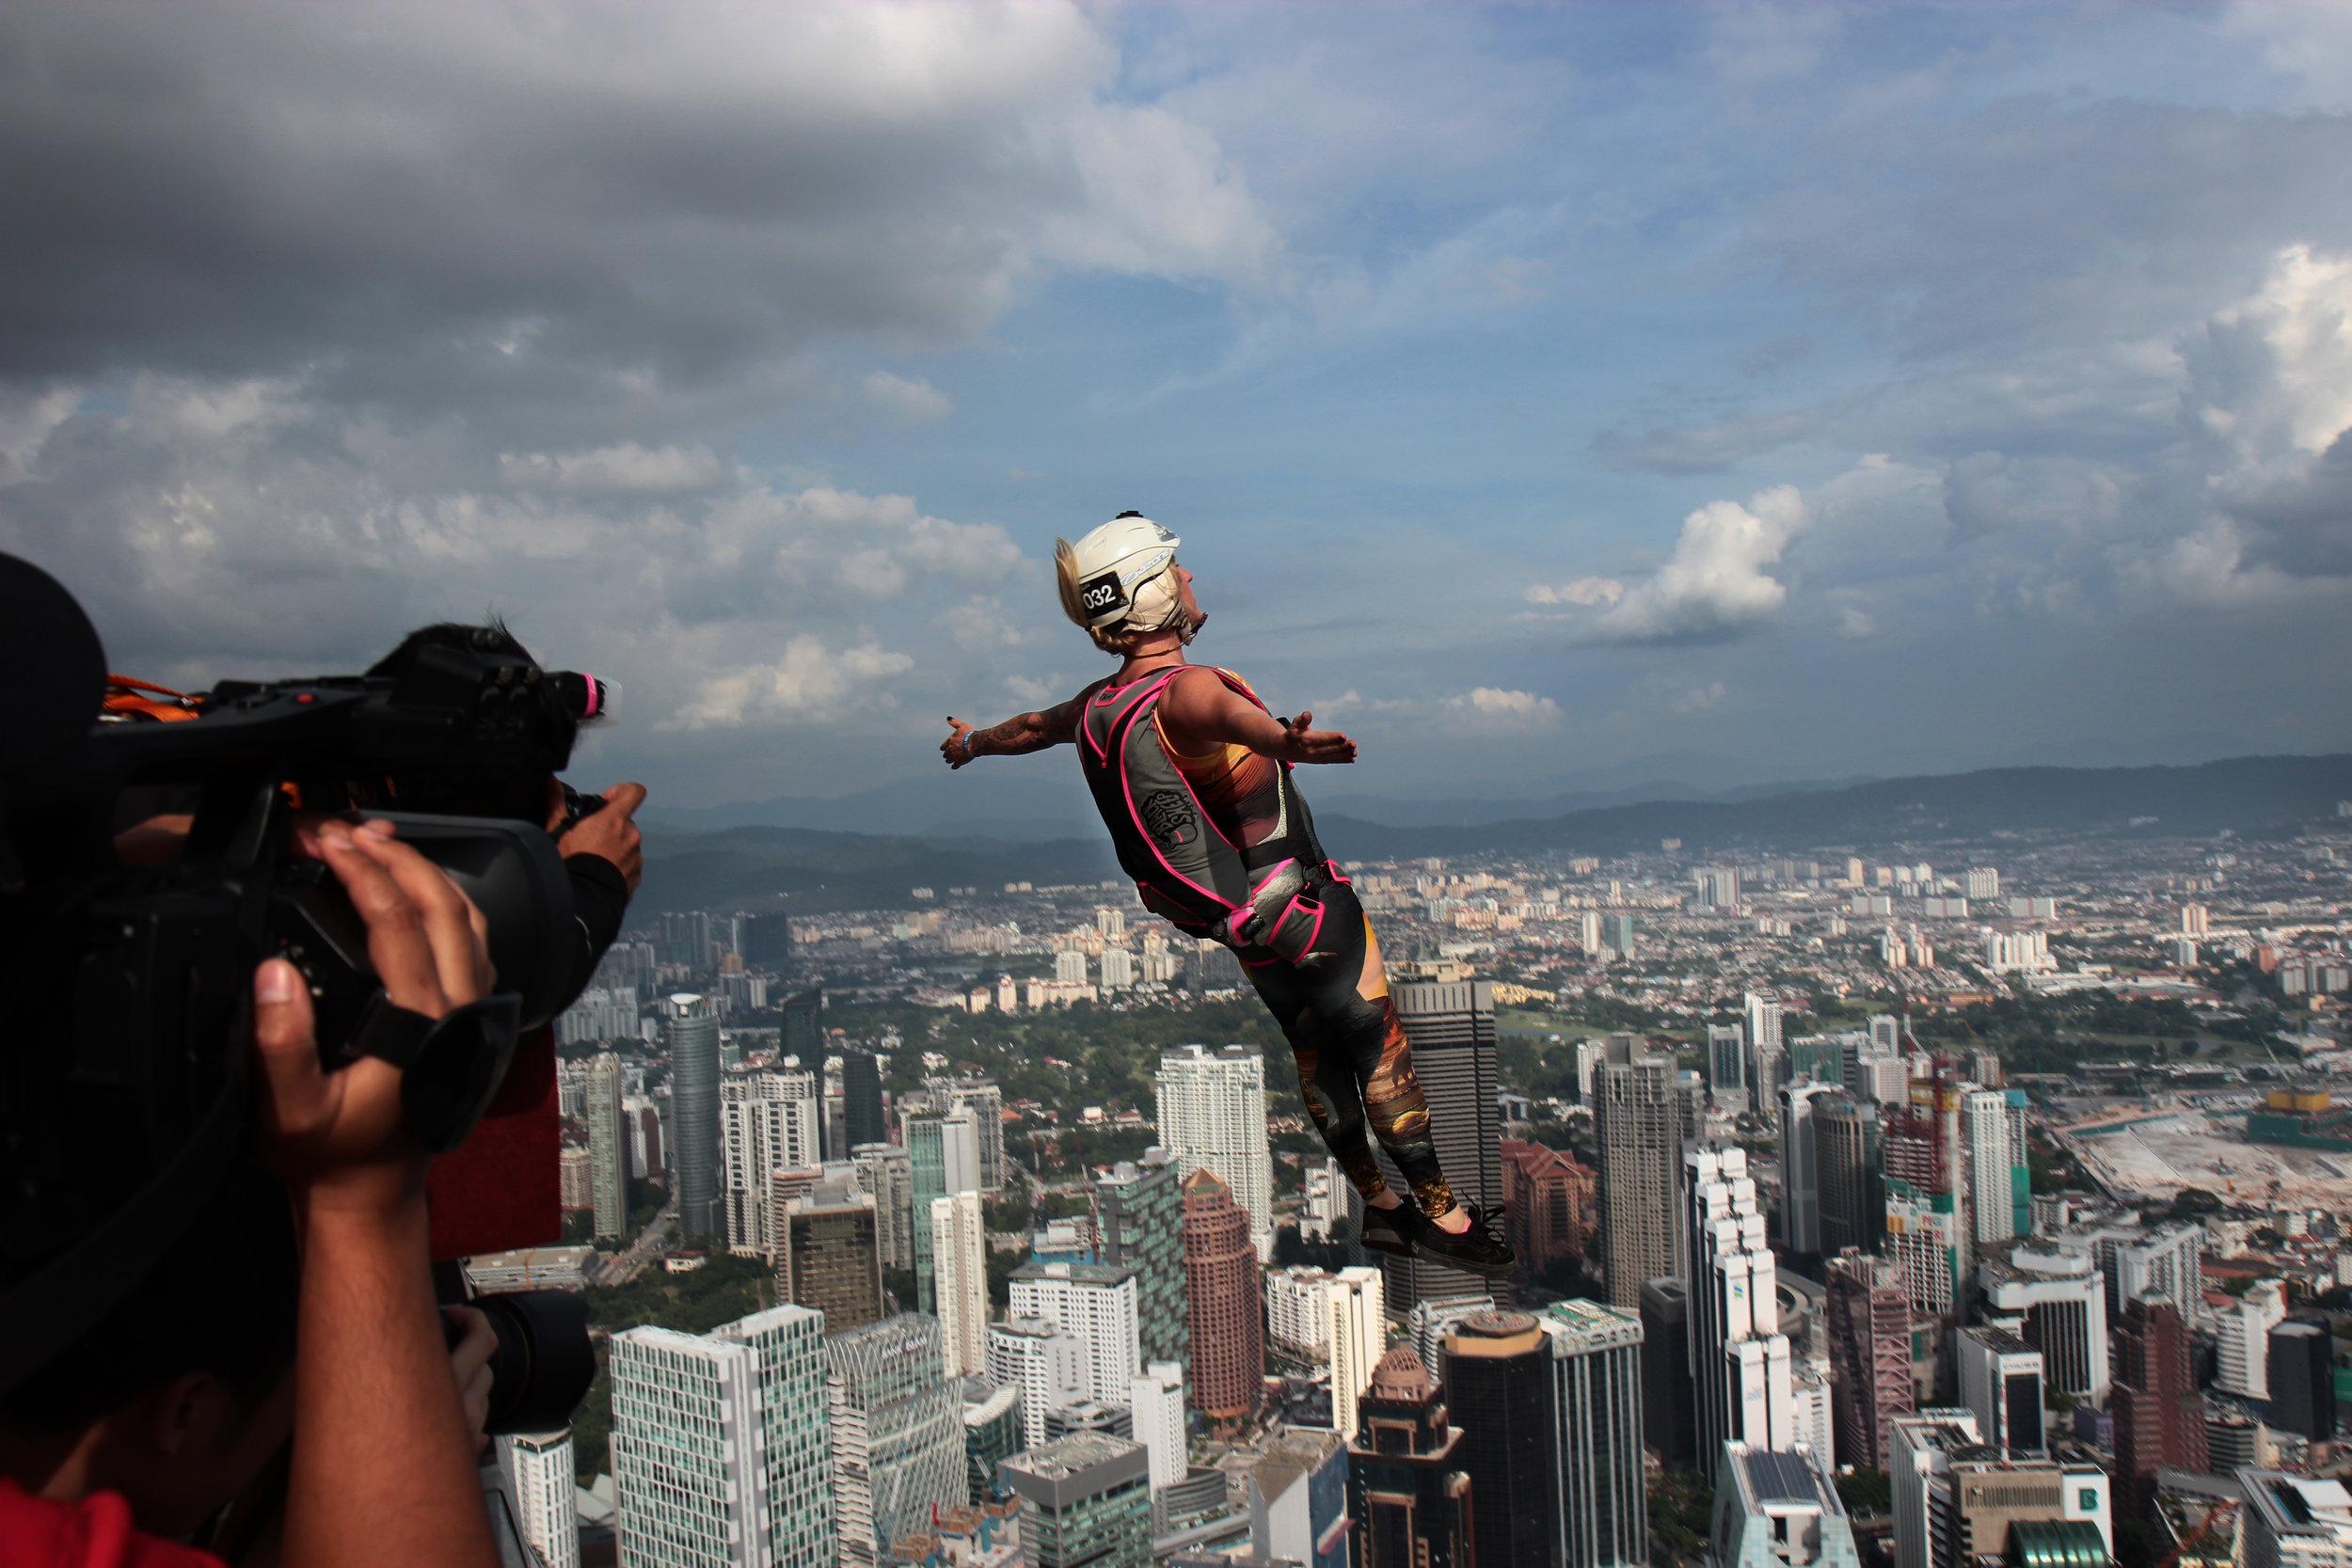 BASE jumping at MenaraKL